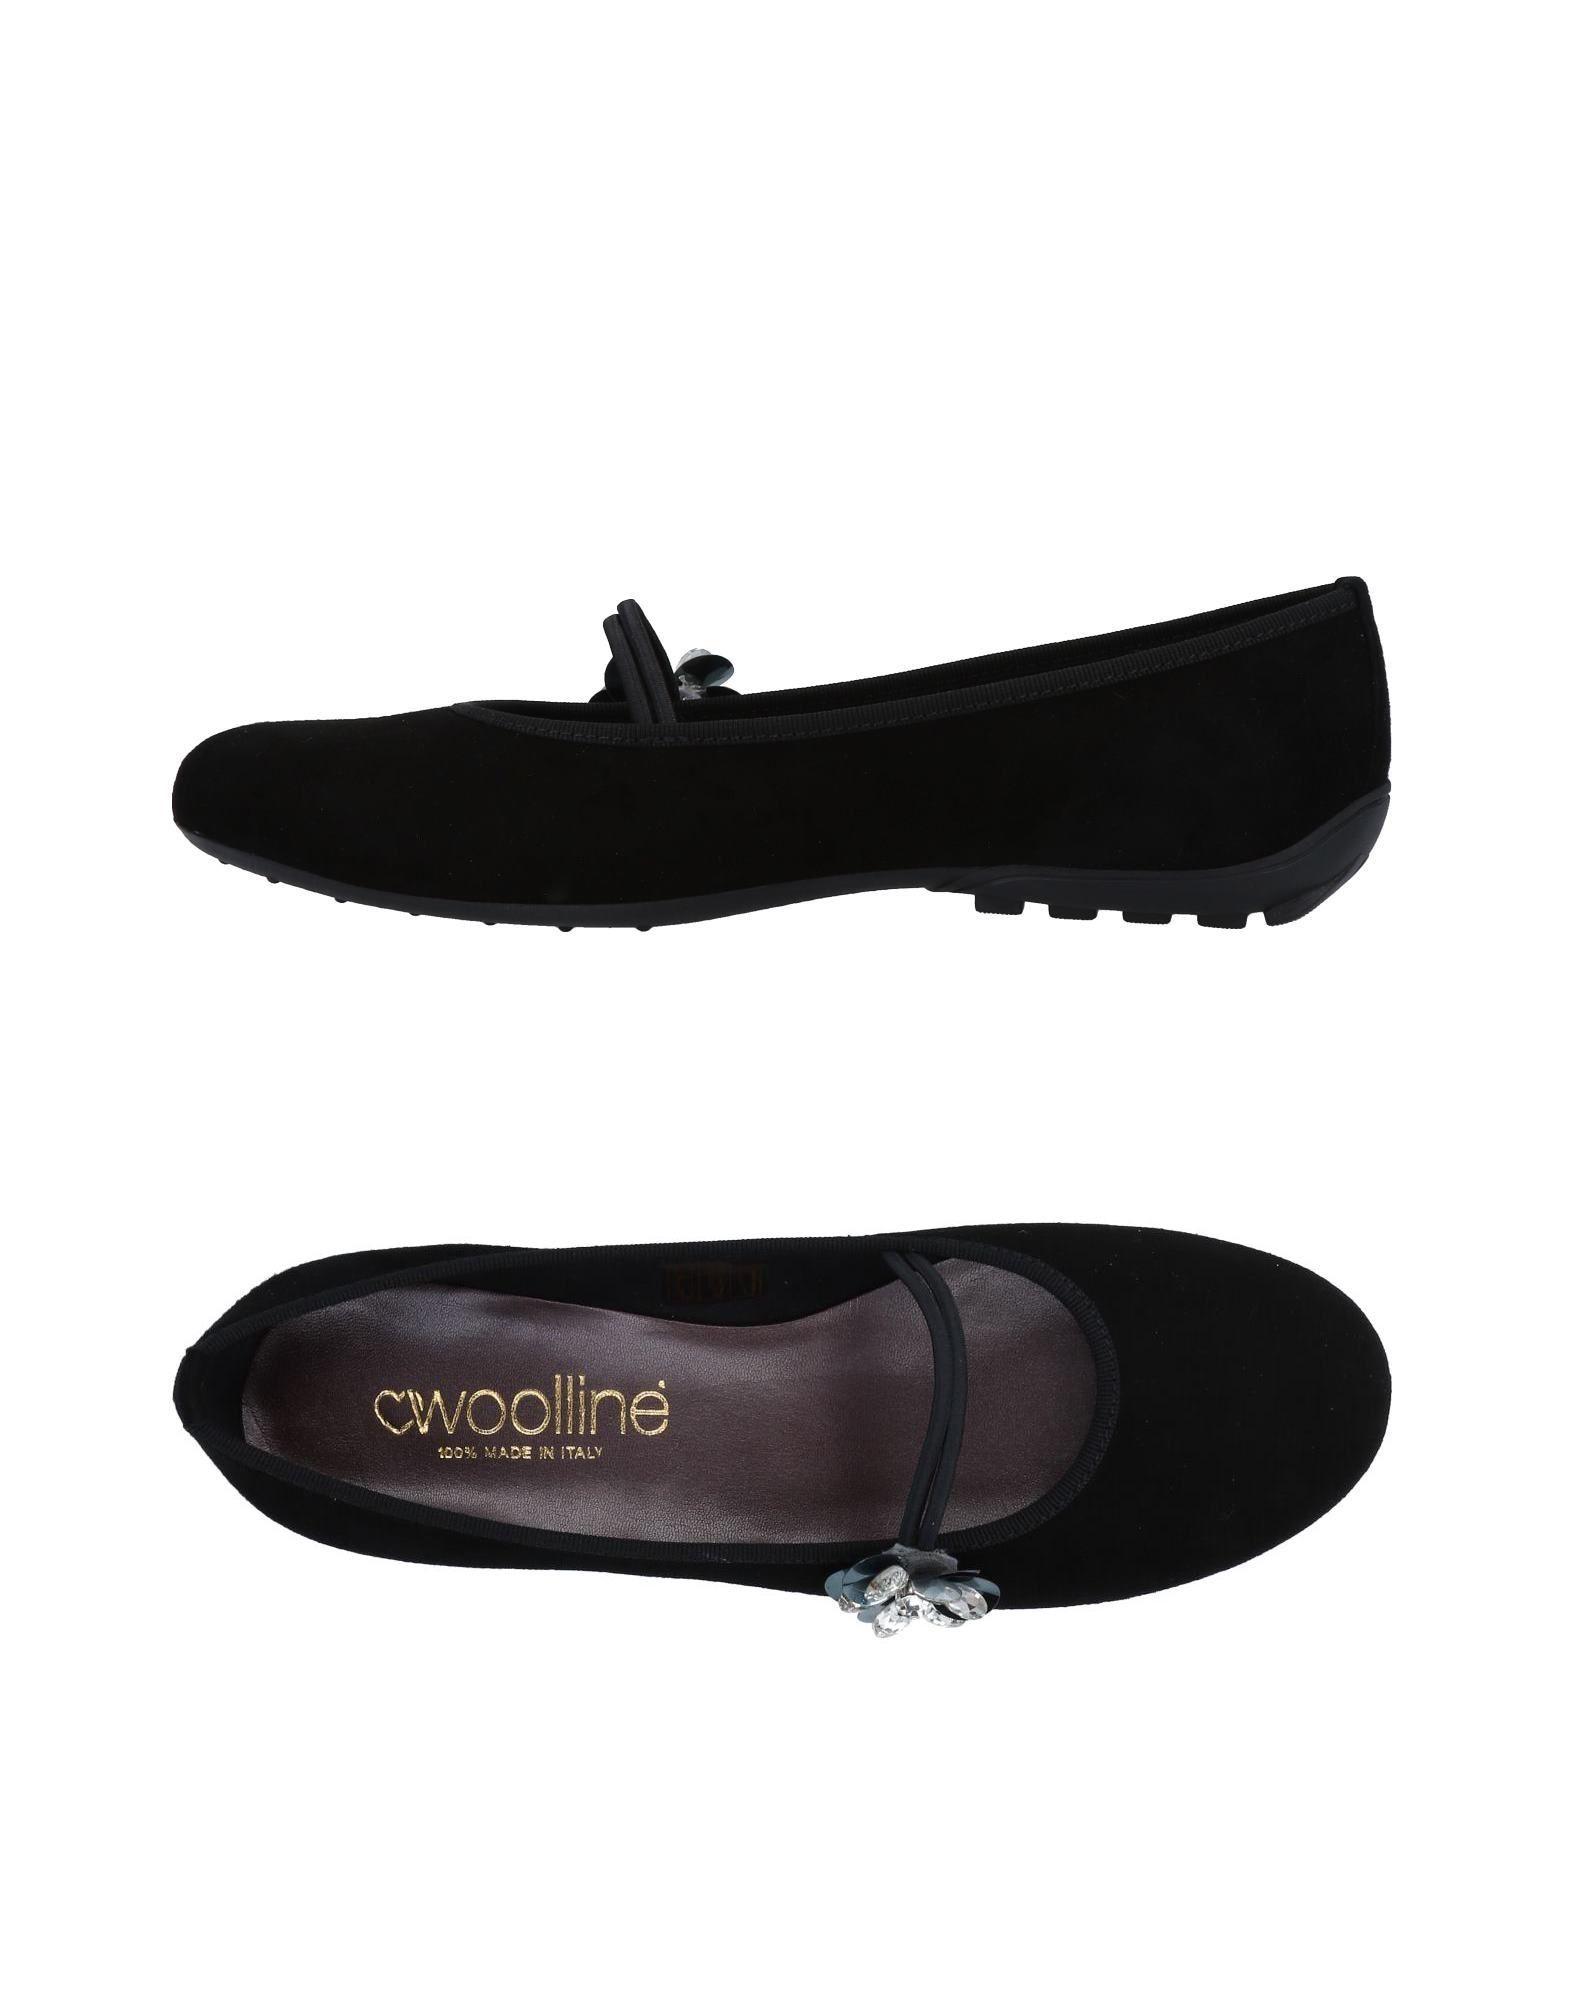 Ballerine Woolline Donna - 11486220WJ Scarpe economiche e buone